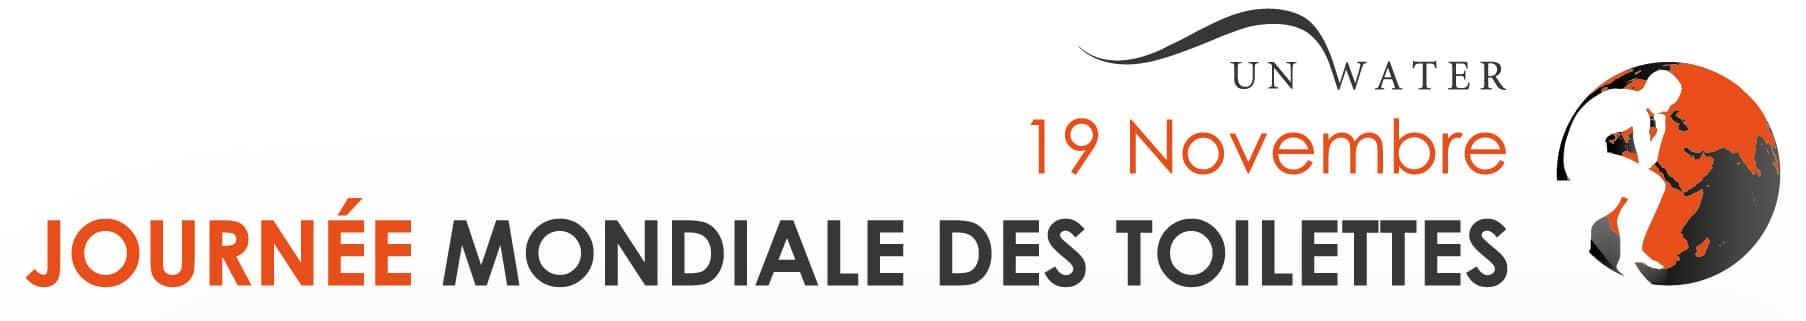 Logo journée mondiale des toilettes 2020